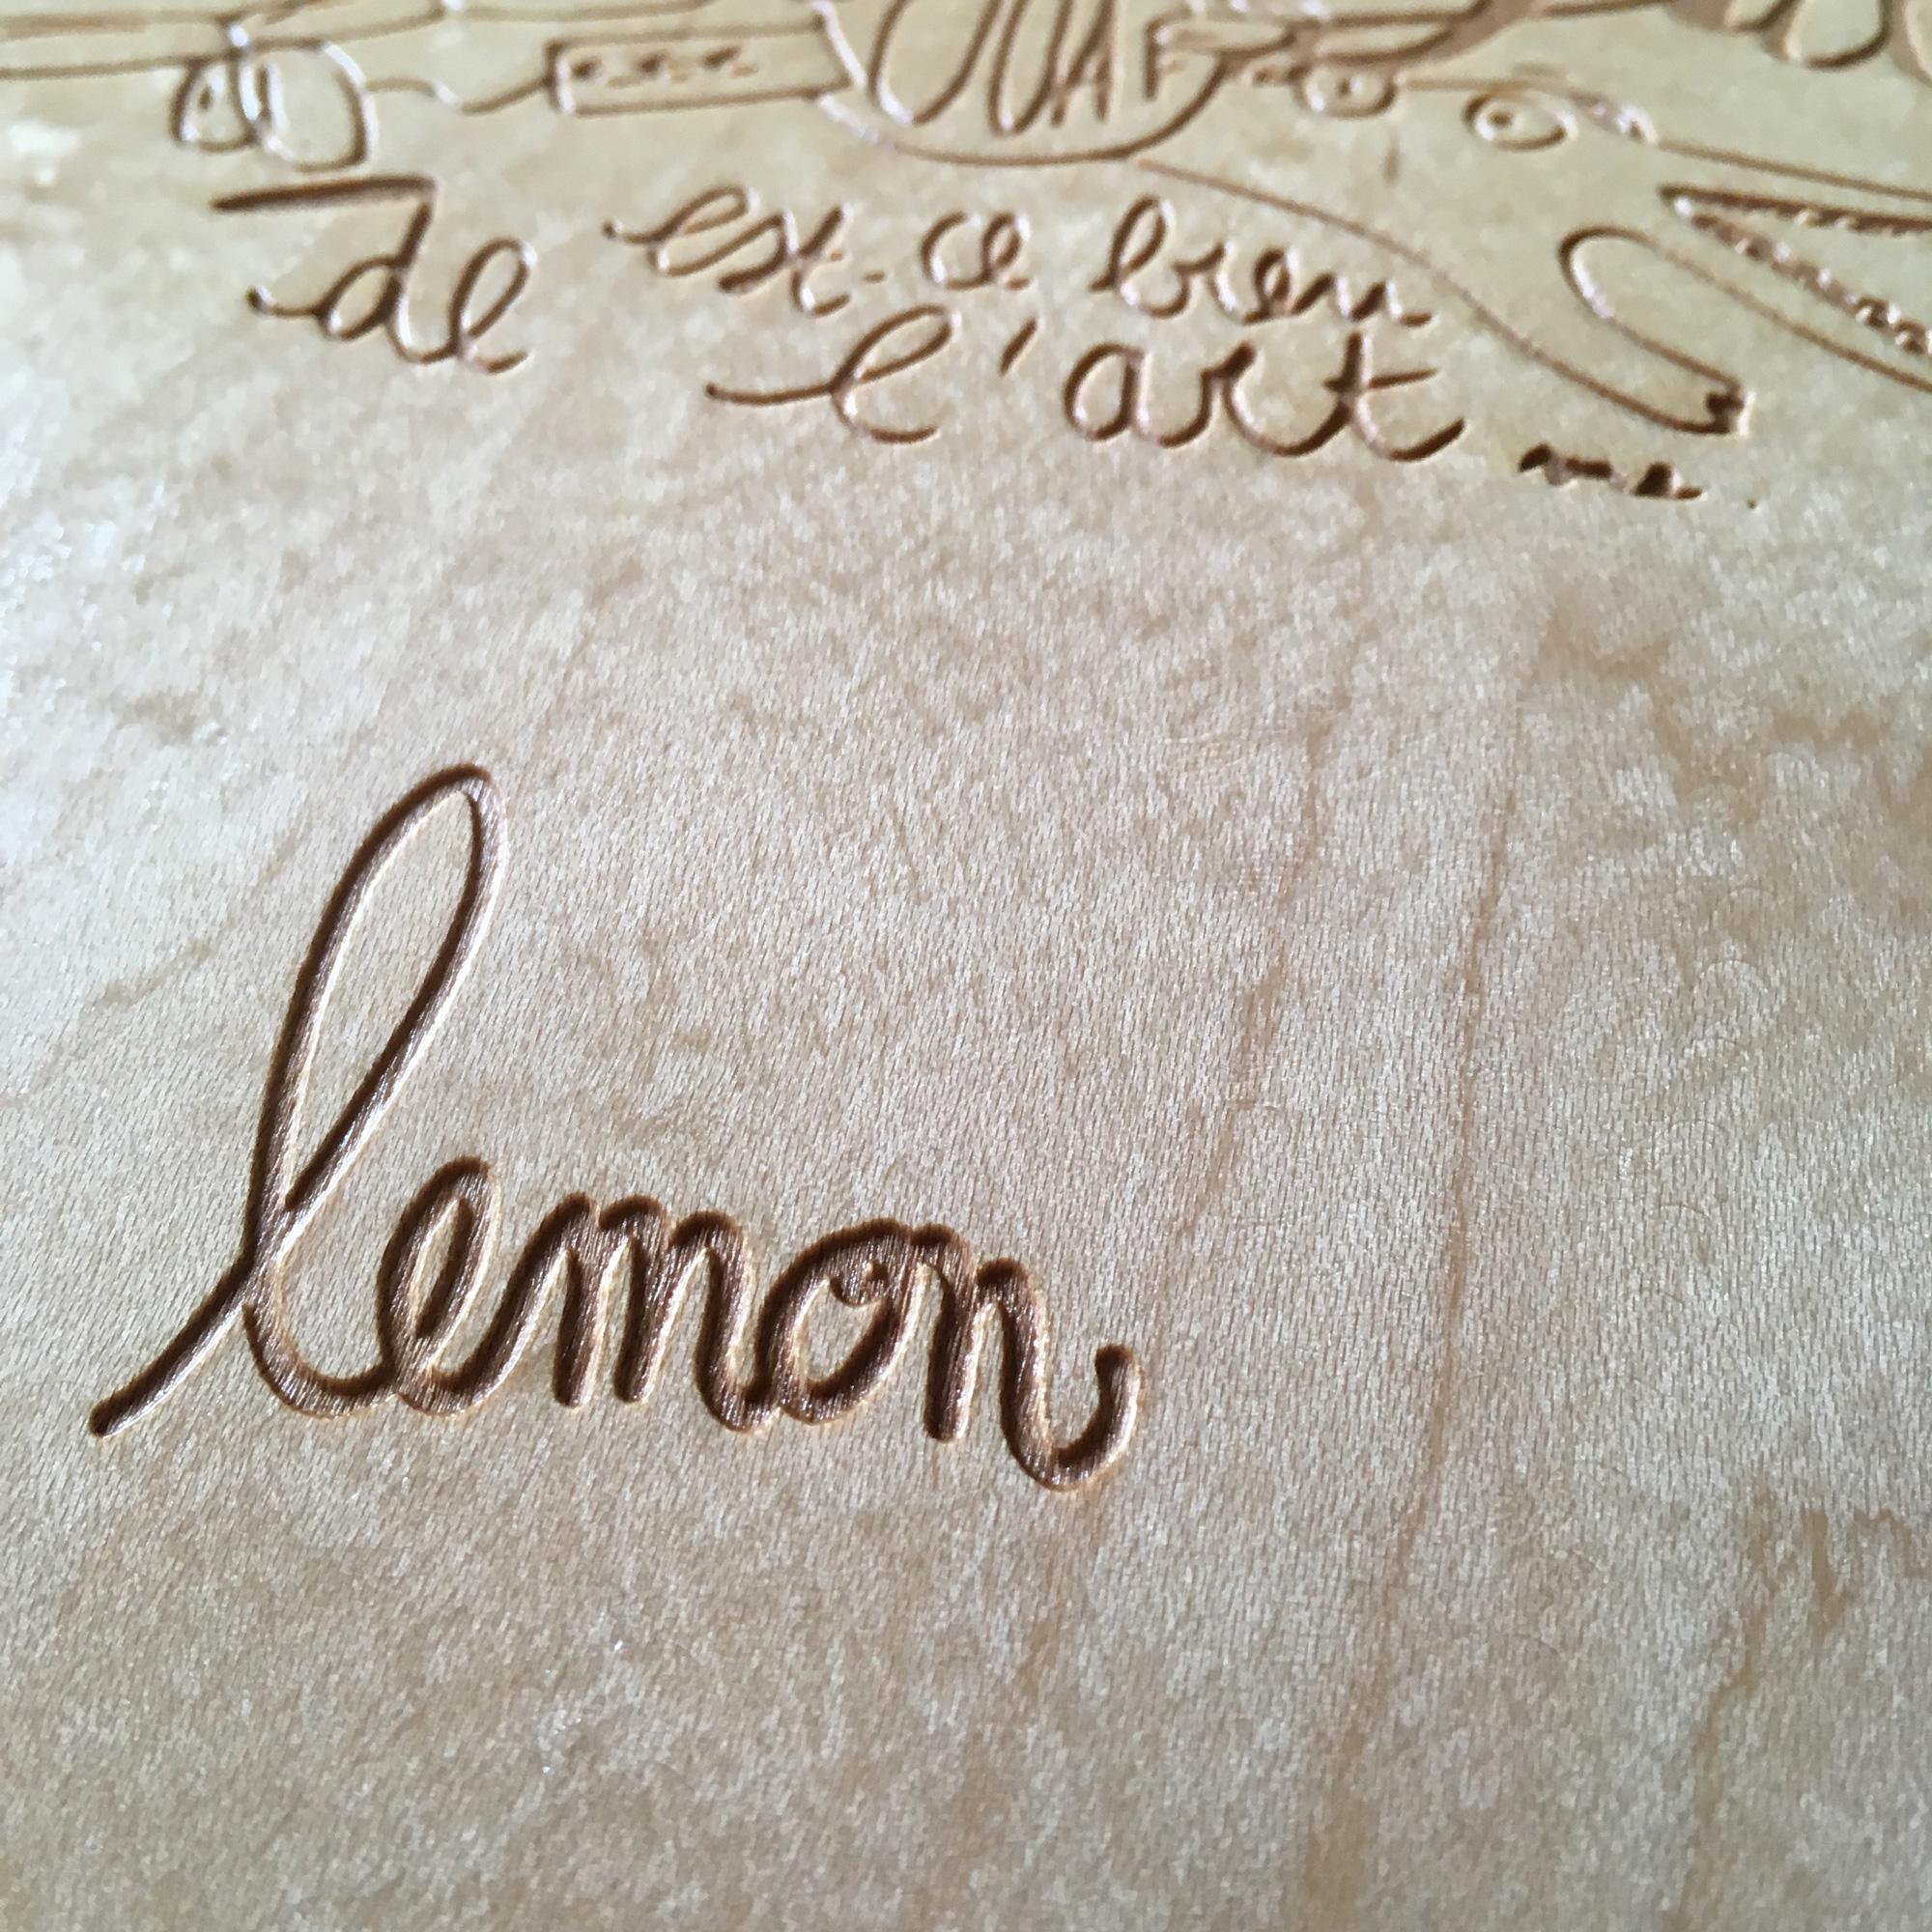 Signature de l'artiste Lemon gravée sur le skate Achetez de l'Art